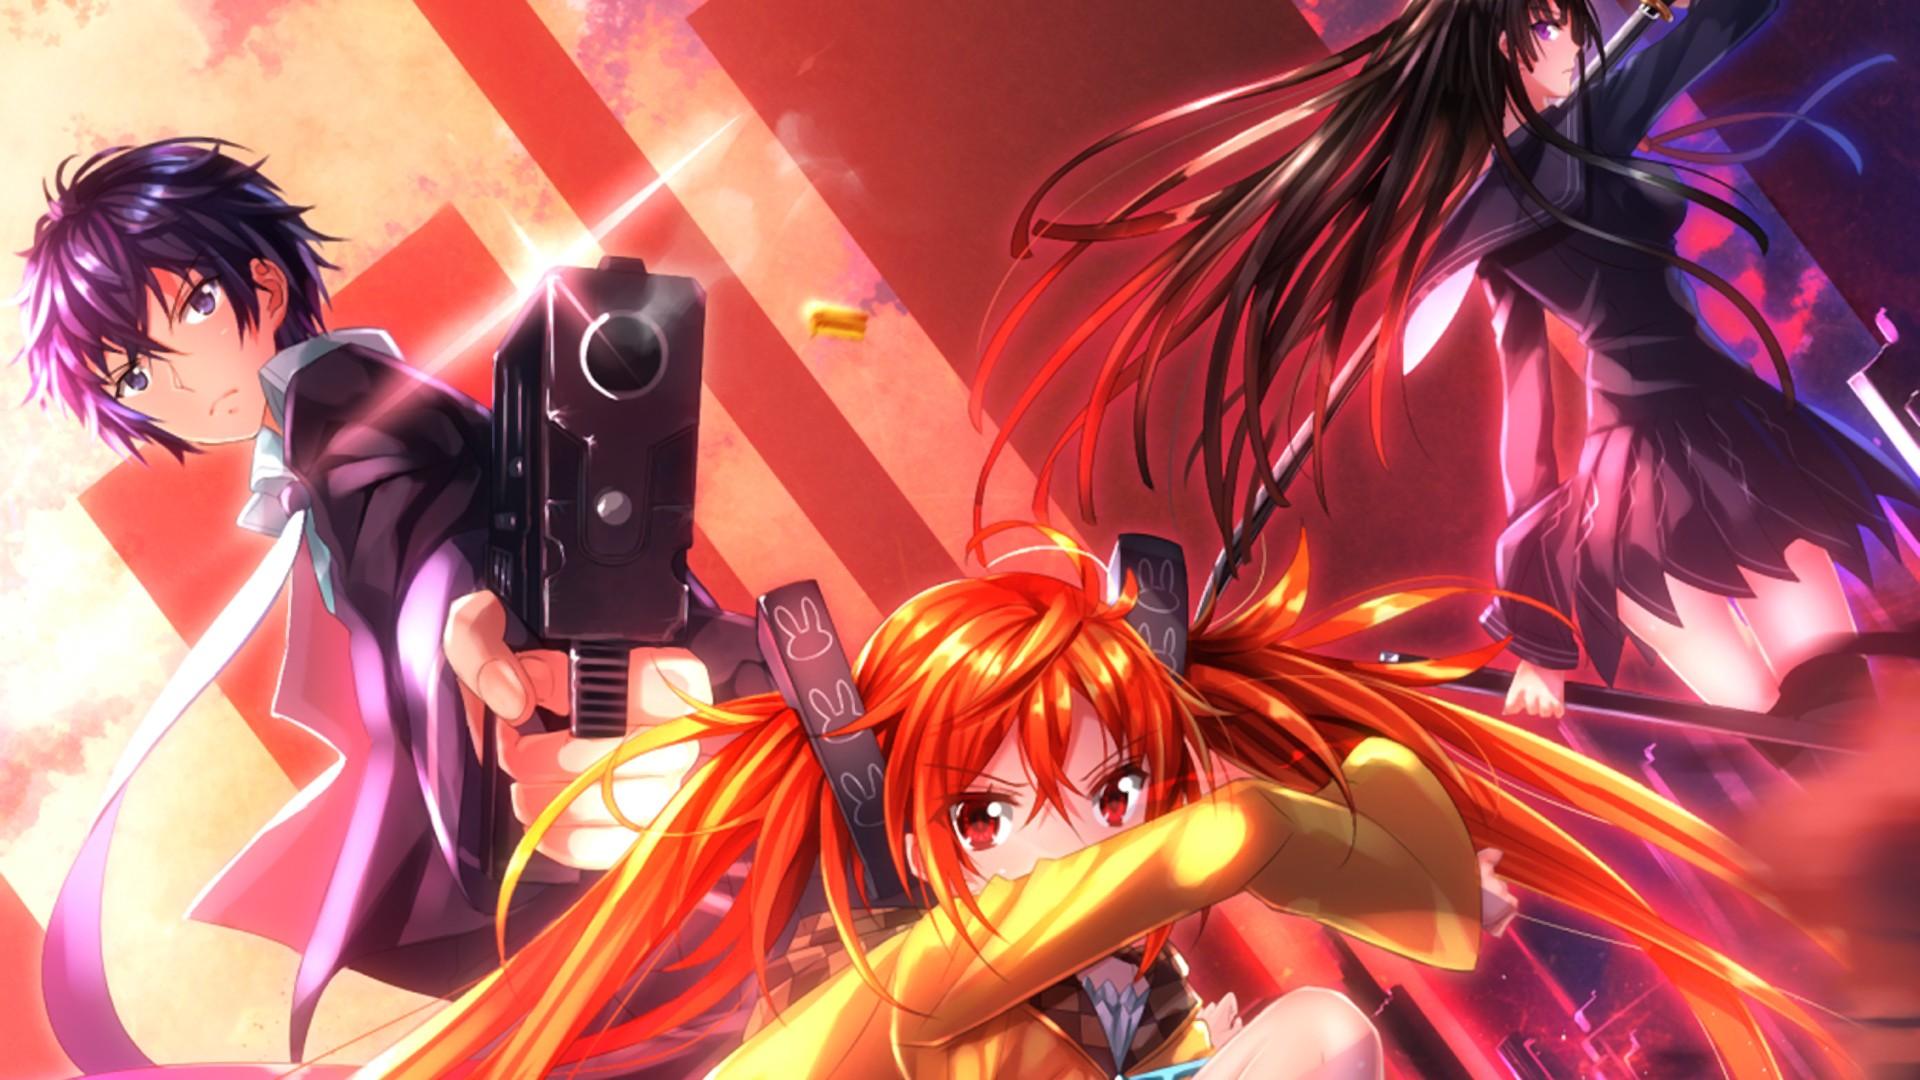 wallpaper : illustration, gun, anime girls, sword, swordsouls, black